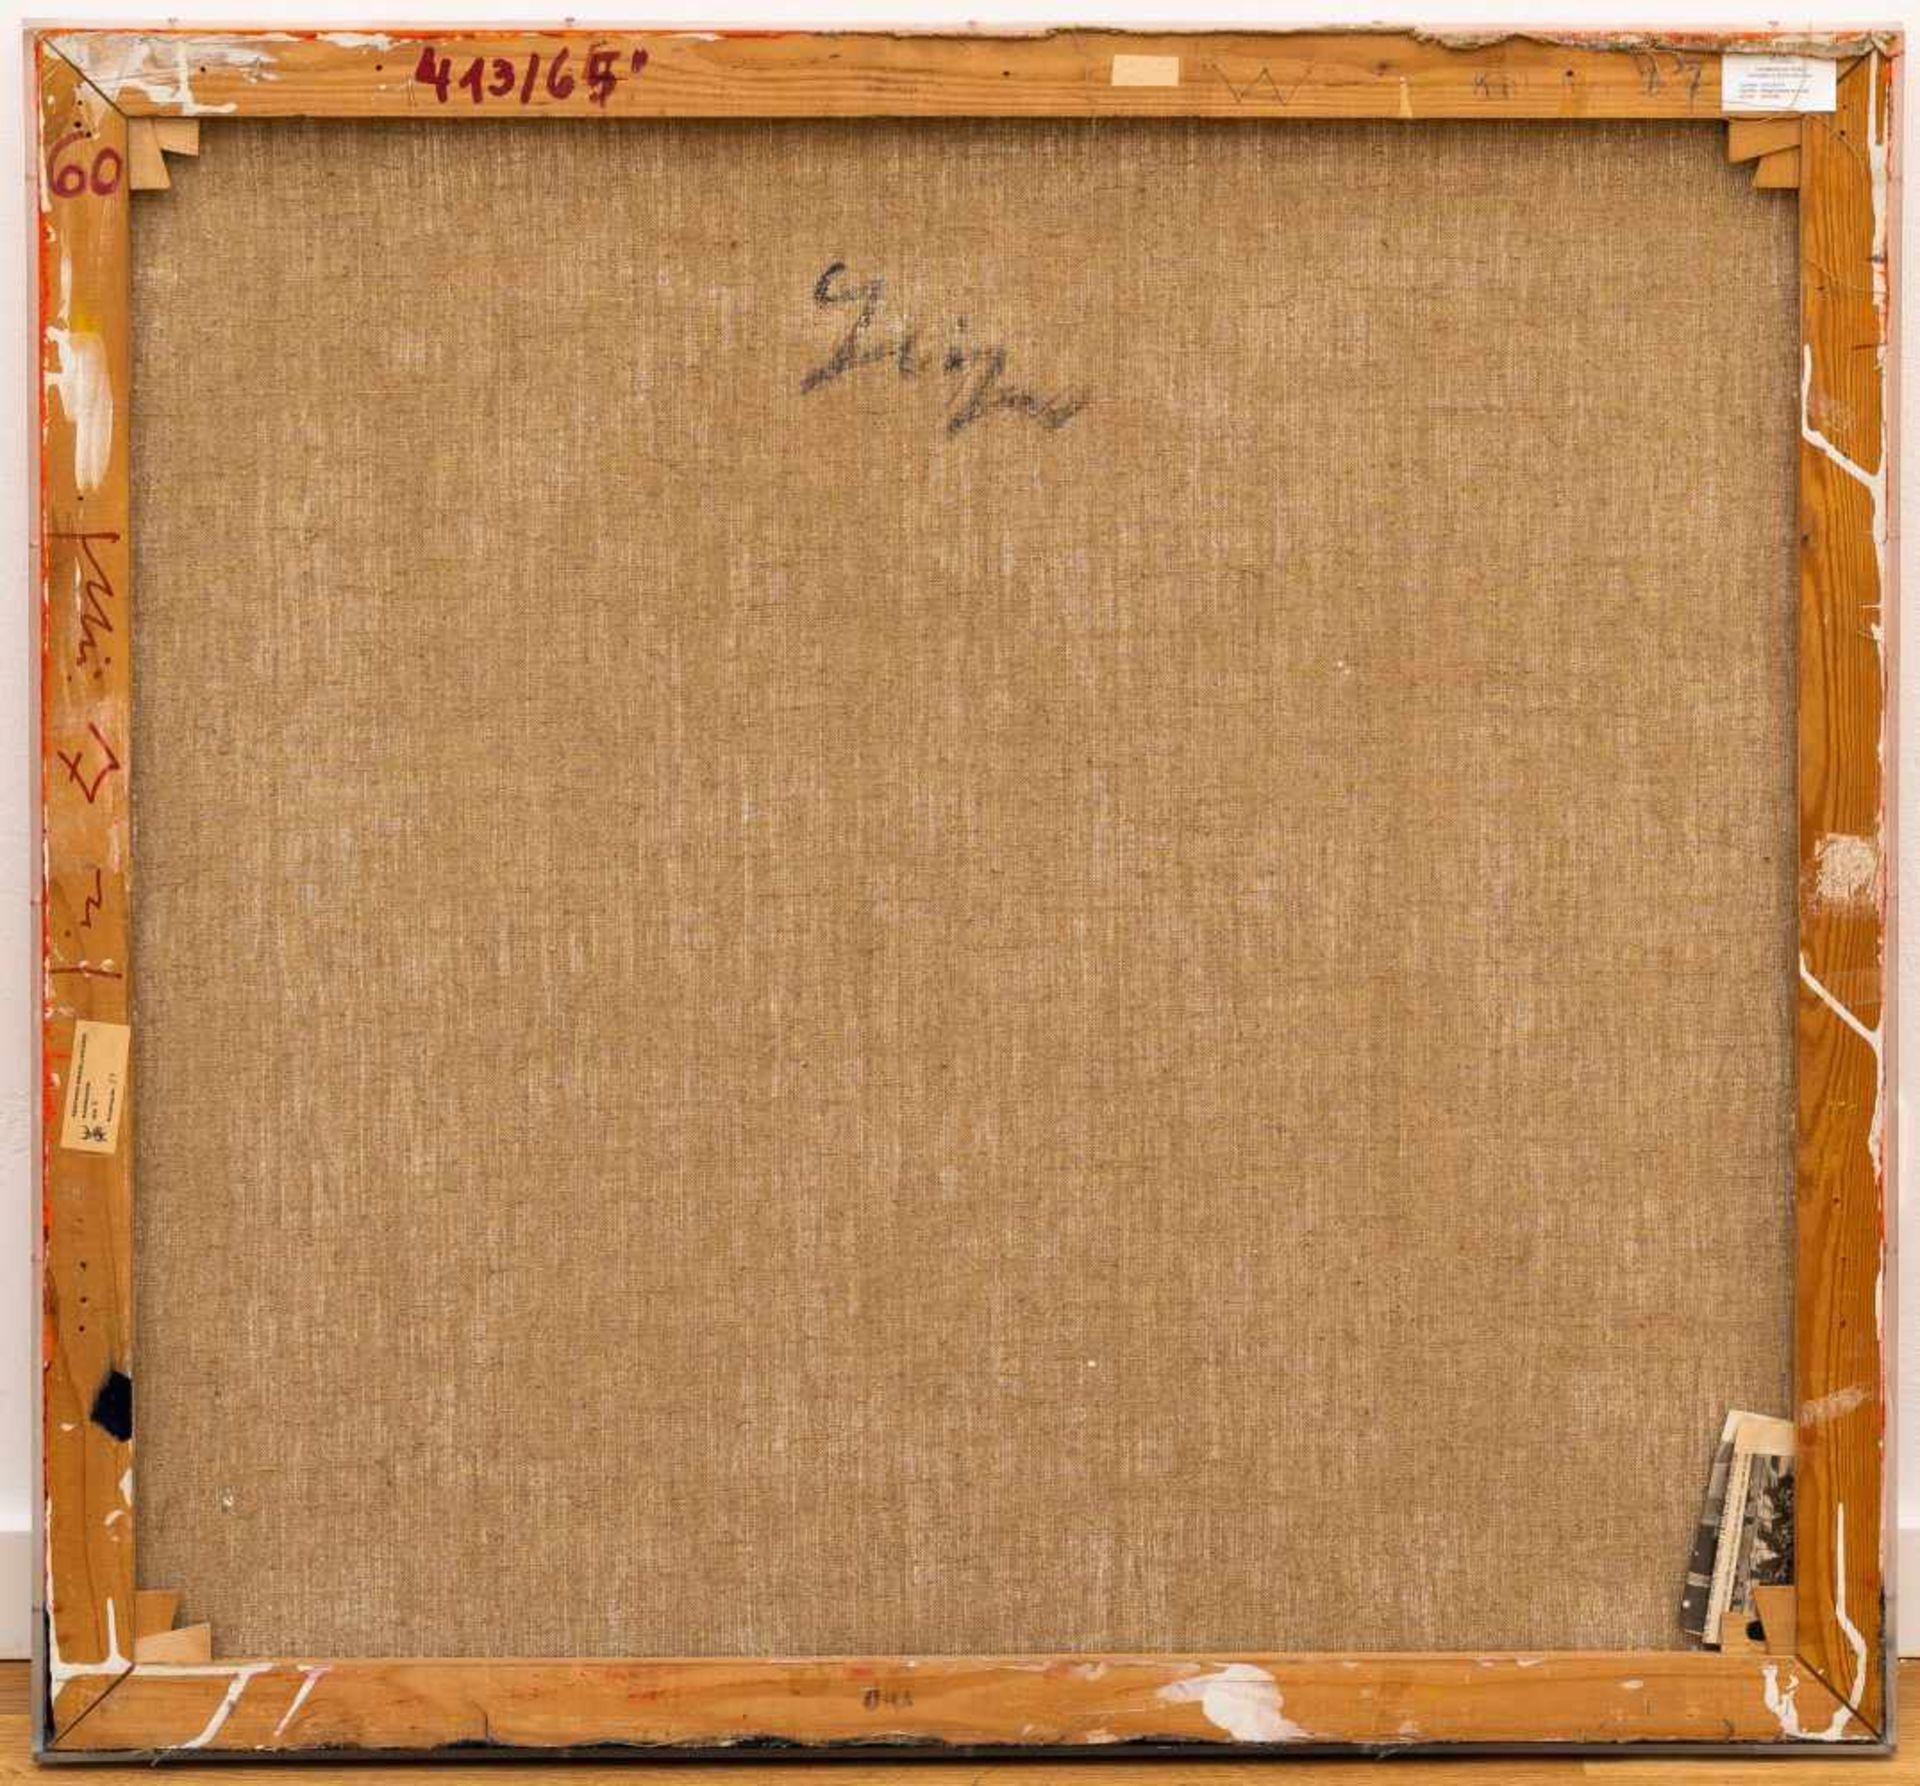 Rupprecht Geiger - Bild 3 aus 3